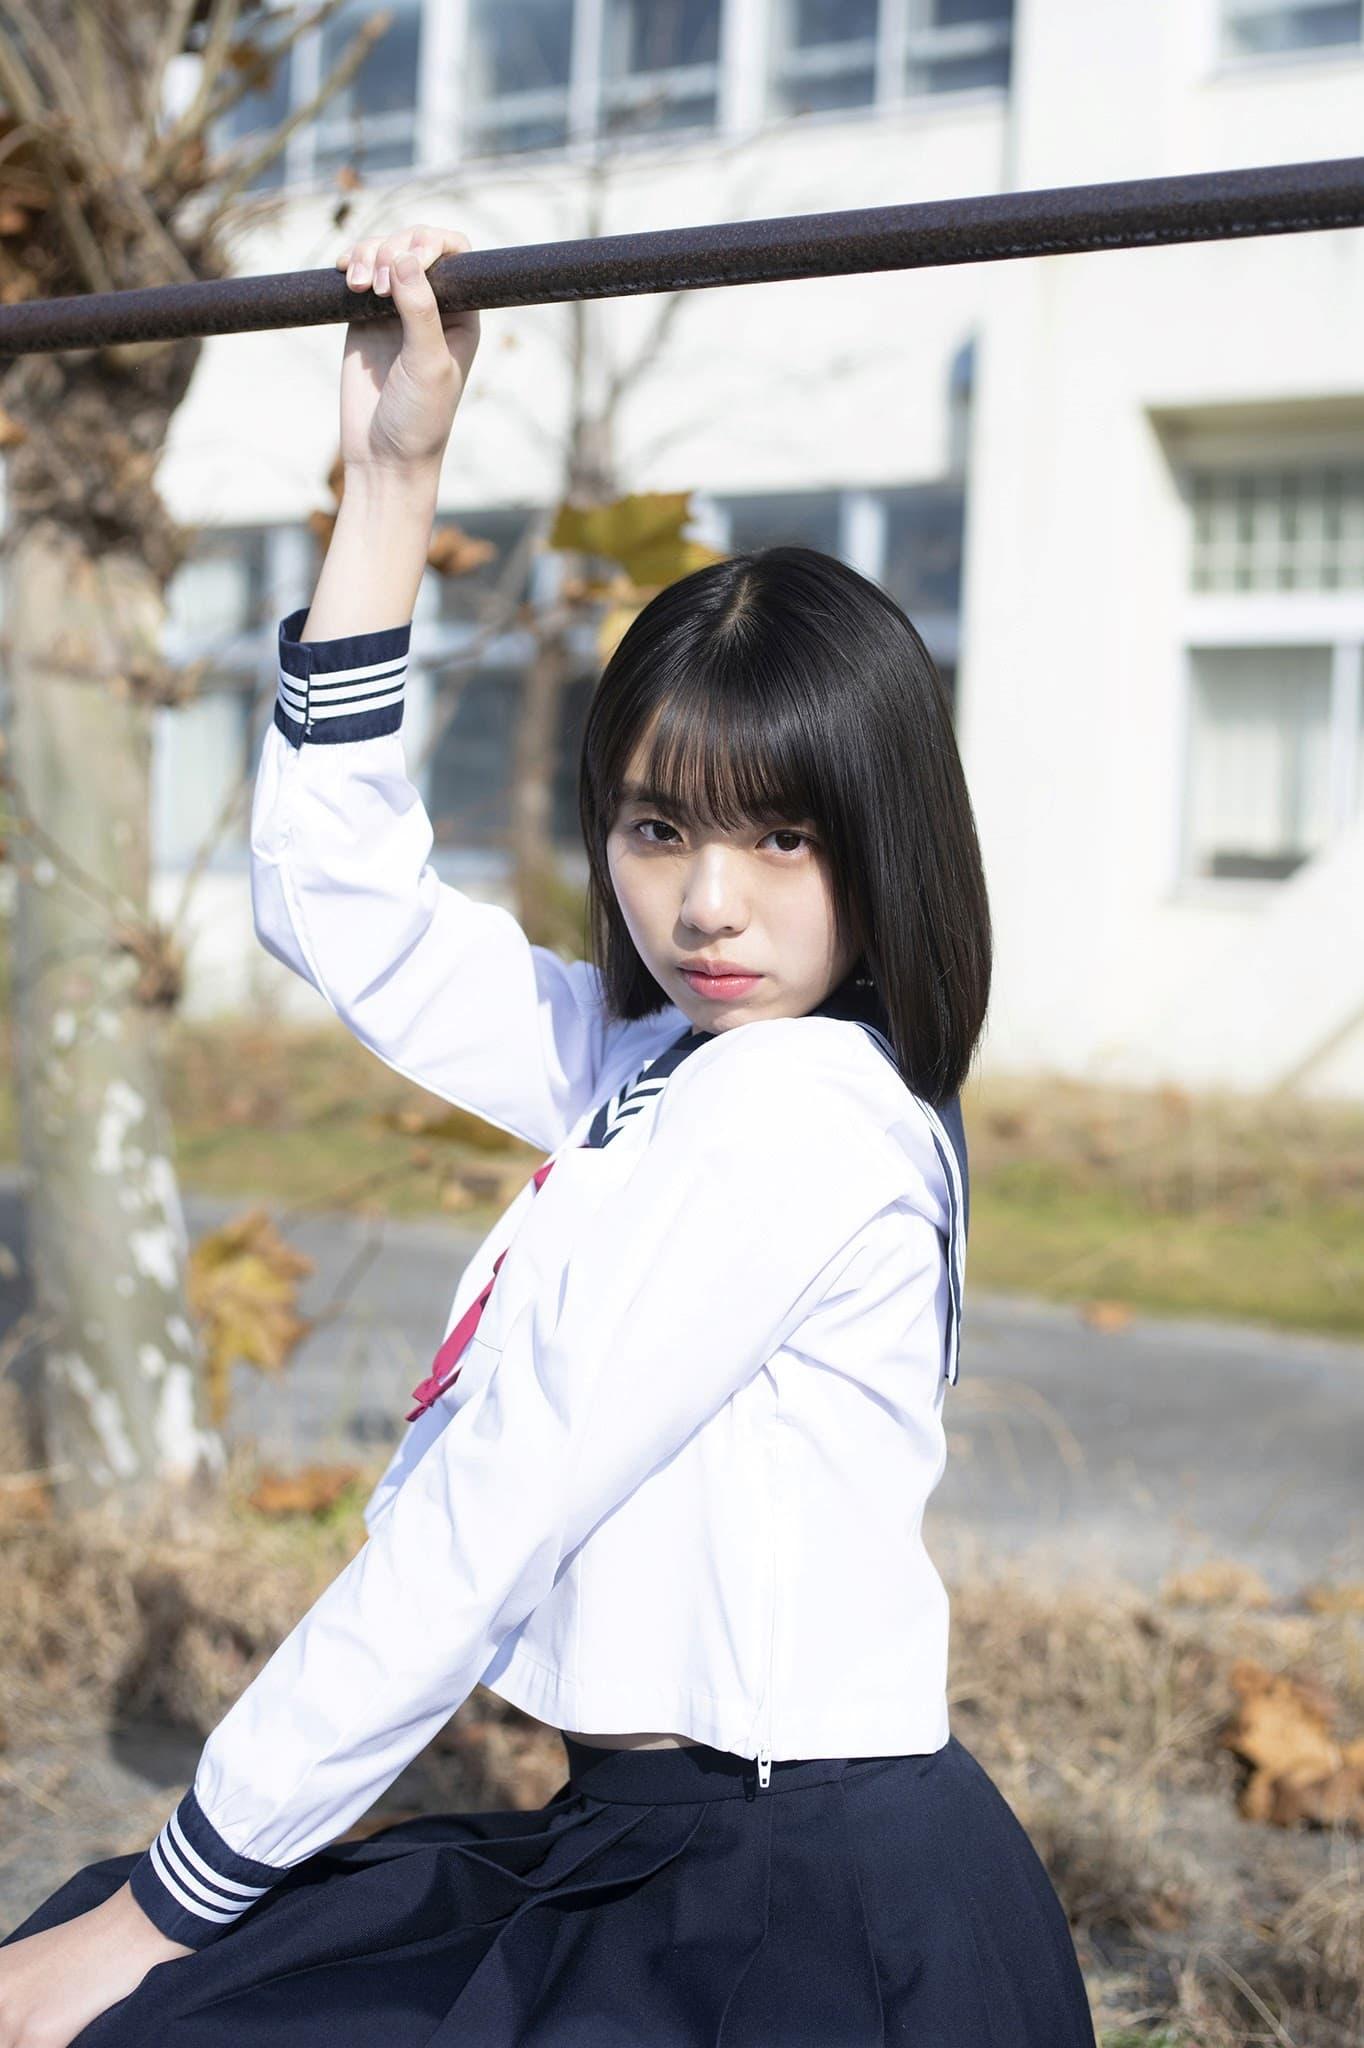 グラビアアイドル写真集 15歳とは思えない均整の取れたスタイルの菊地姫奈超高画質グラビア画像まとめ2 100枚